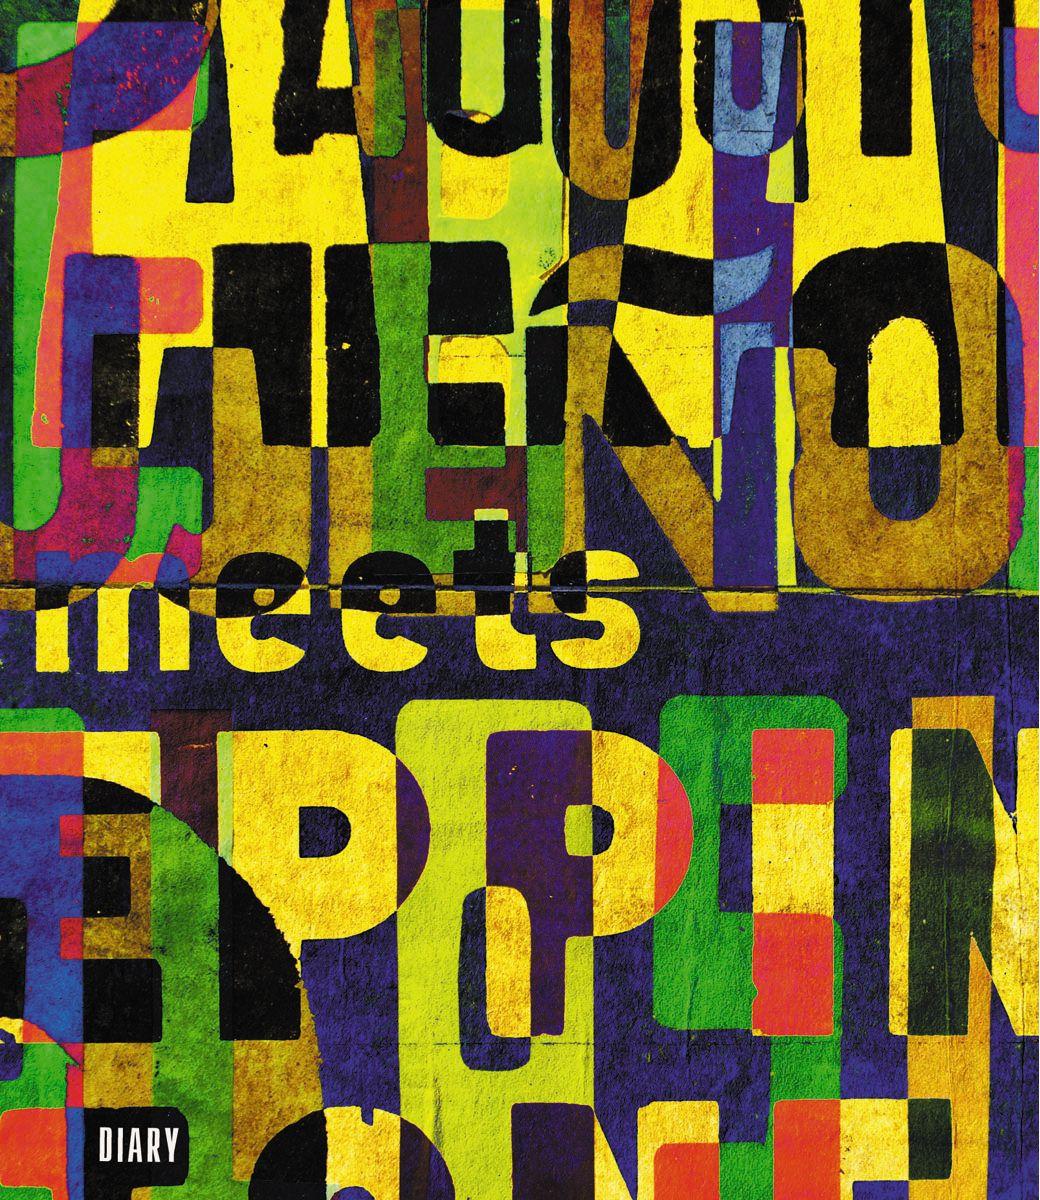 Канц-Эксмо Ежедневник Графика Шрифты недатированный 160 листов формат А5 канц эксмо ежедневник графика орхидеи недатированный 160 листов формат a5